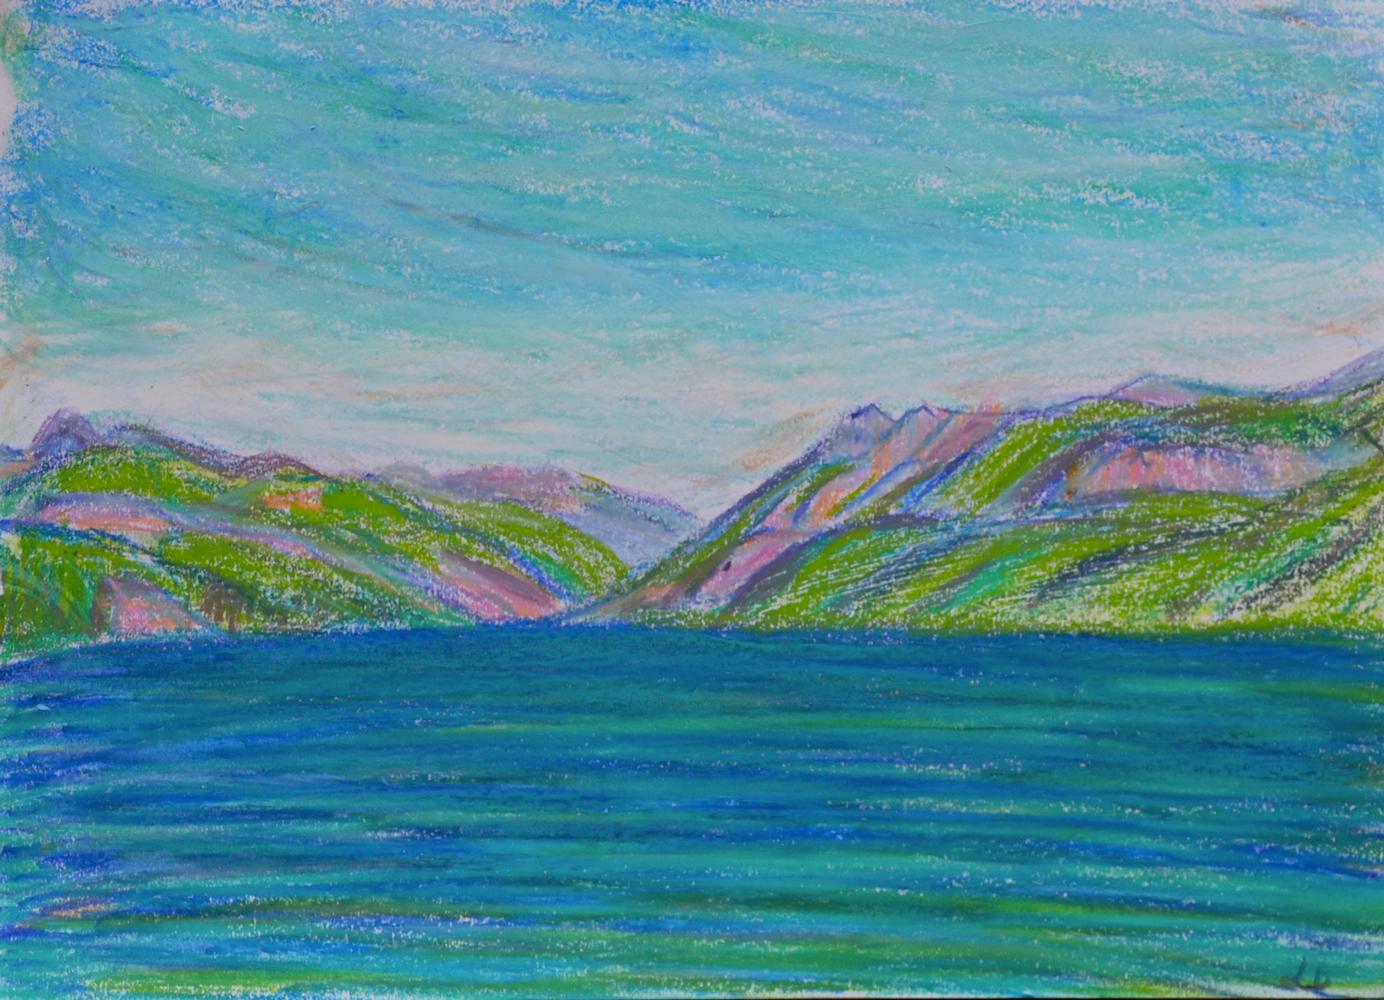 Lac Léman, St Prex no. 6. Pastel à la cire sur papier, 21x30, 2018